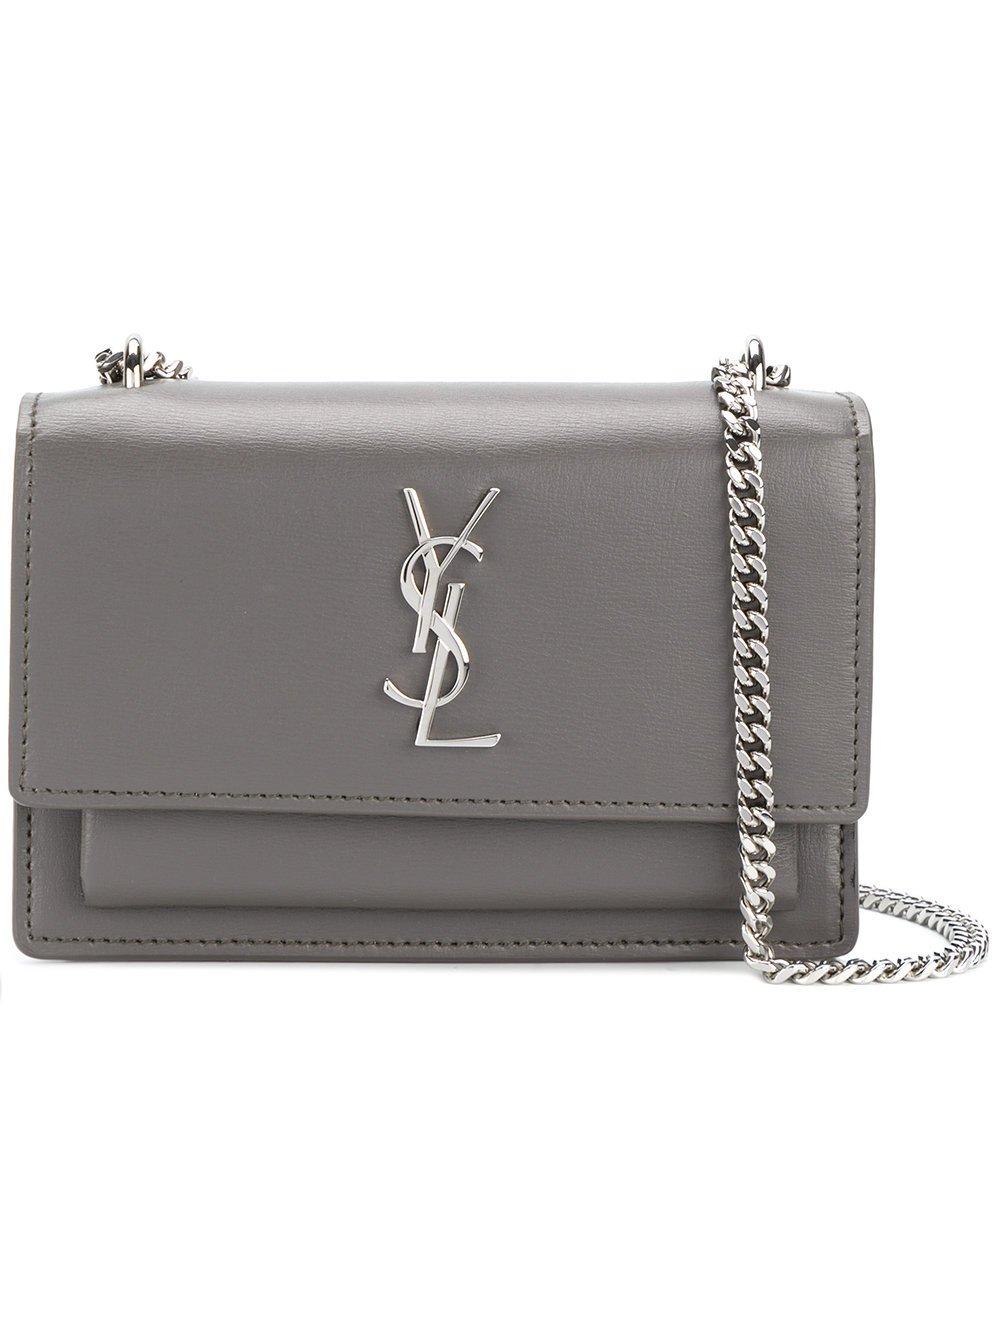 Saint Laurent Women's 452157D422n2034 Grey Leather Shoulder Bag